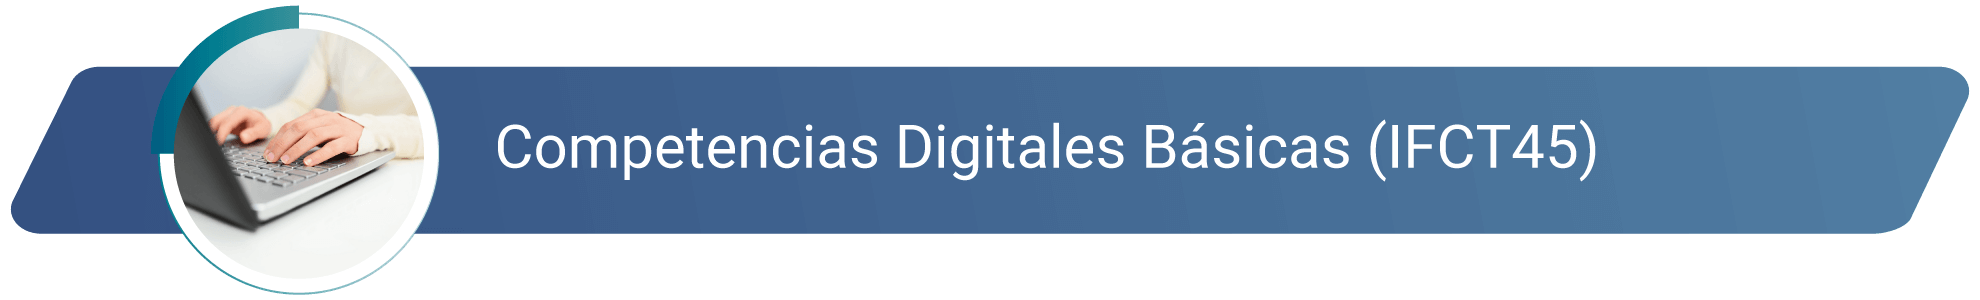 IFCT45 - Competencias digitales básicas